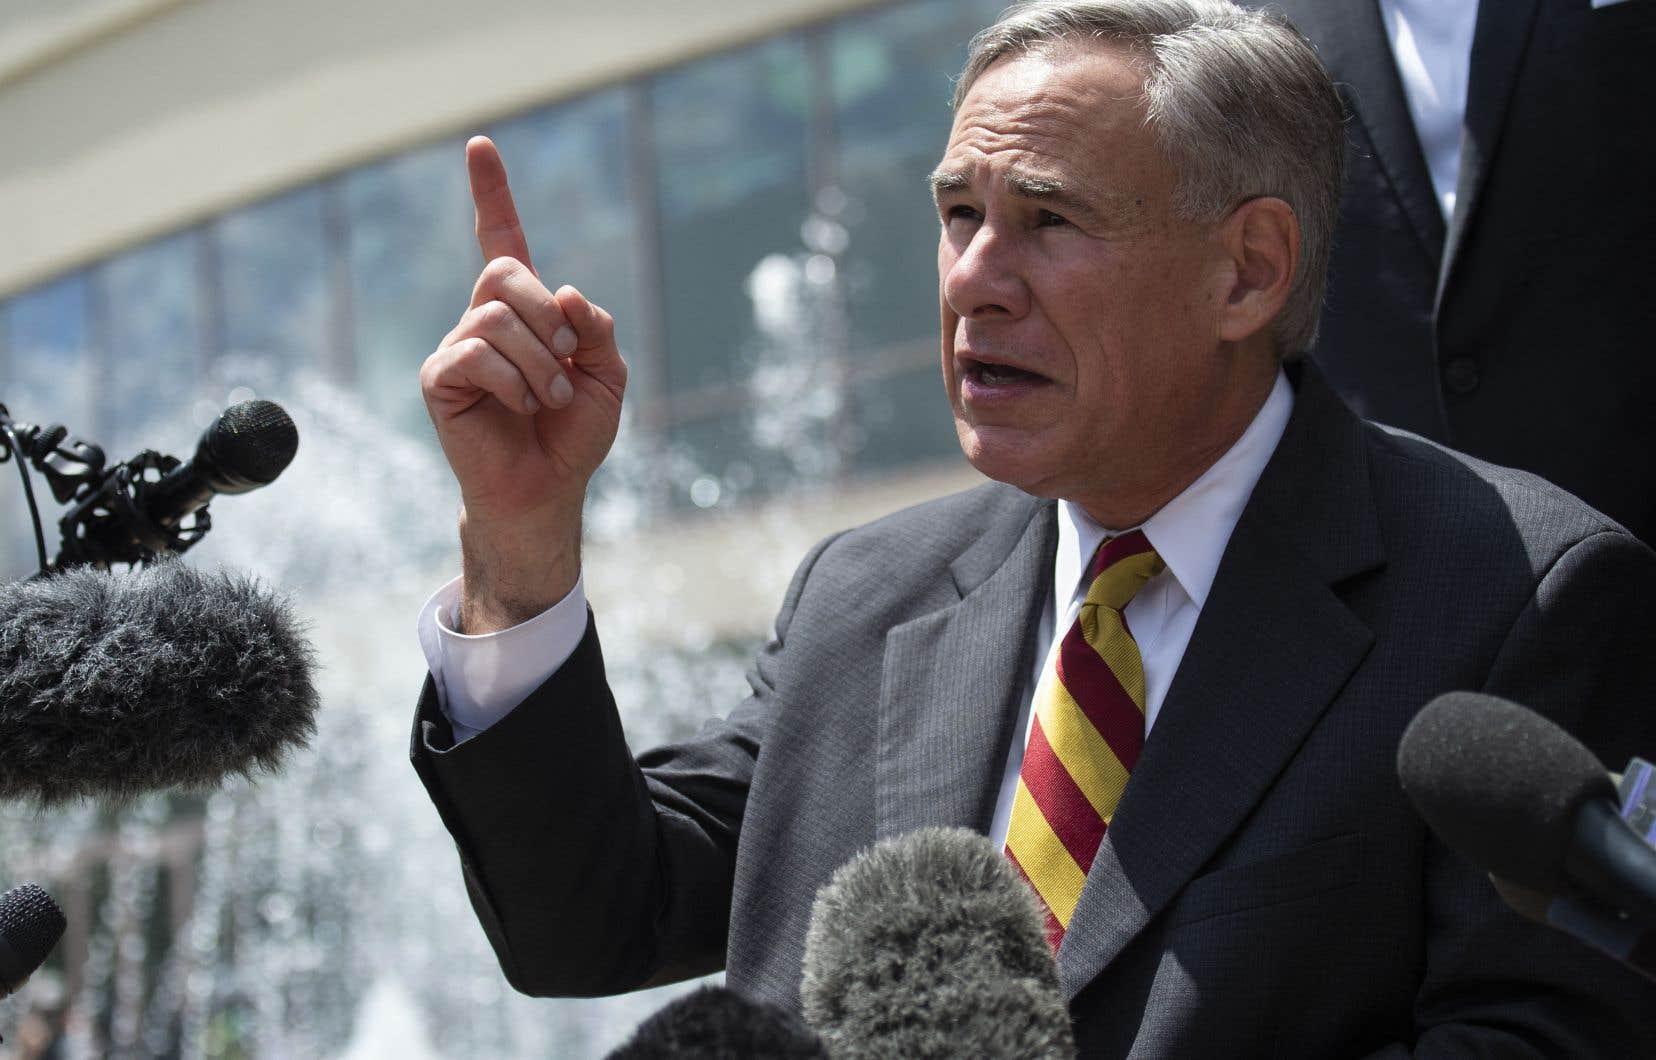 «La loi garantit que chaque enfant non né dont le cœur bat sera sauvé des ravages de l'avortement», a déclaré le républicain Greg Abbott en paraphant le texte.